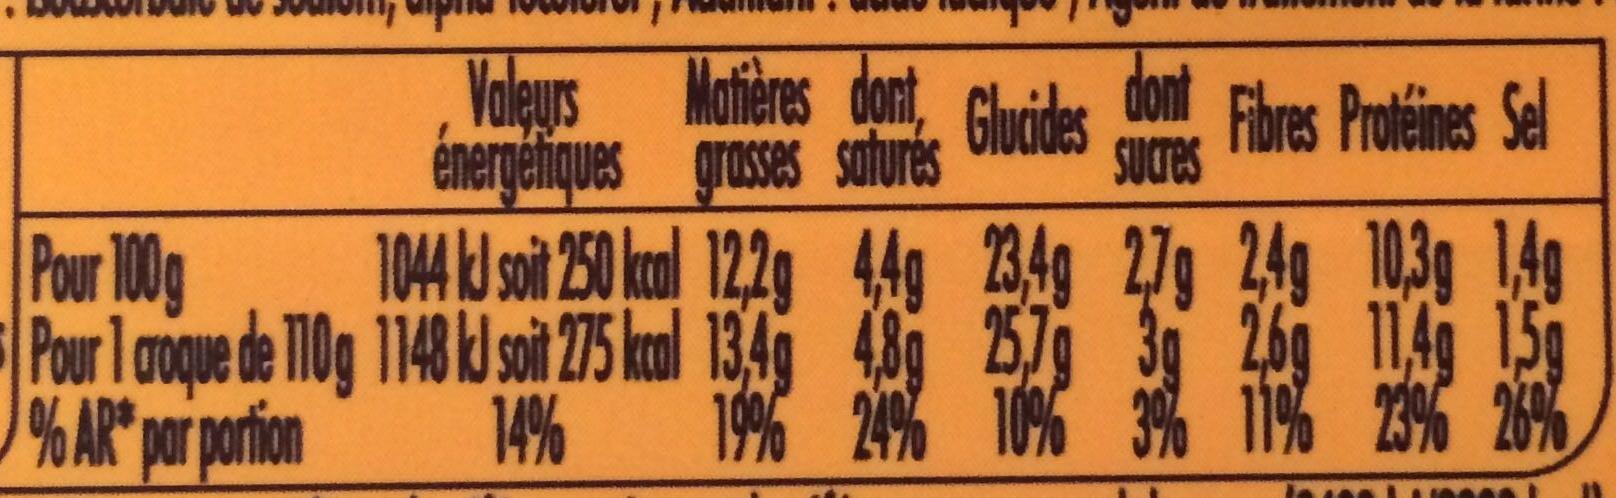 Tendre Croque Chef Pain de Campagne Moutarde à l'Estragon Cantal Jambon - Informations nutritionnelles - fr